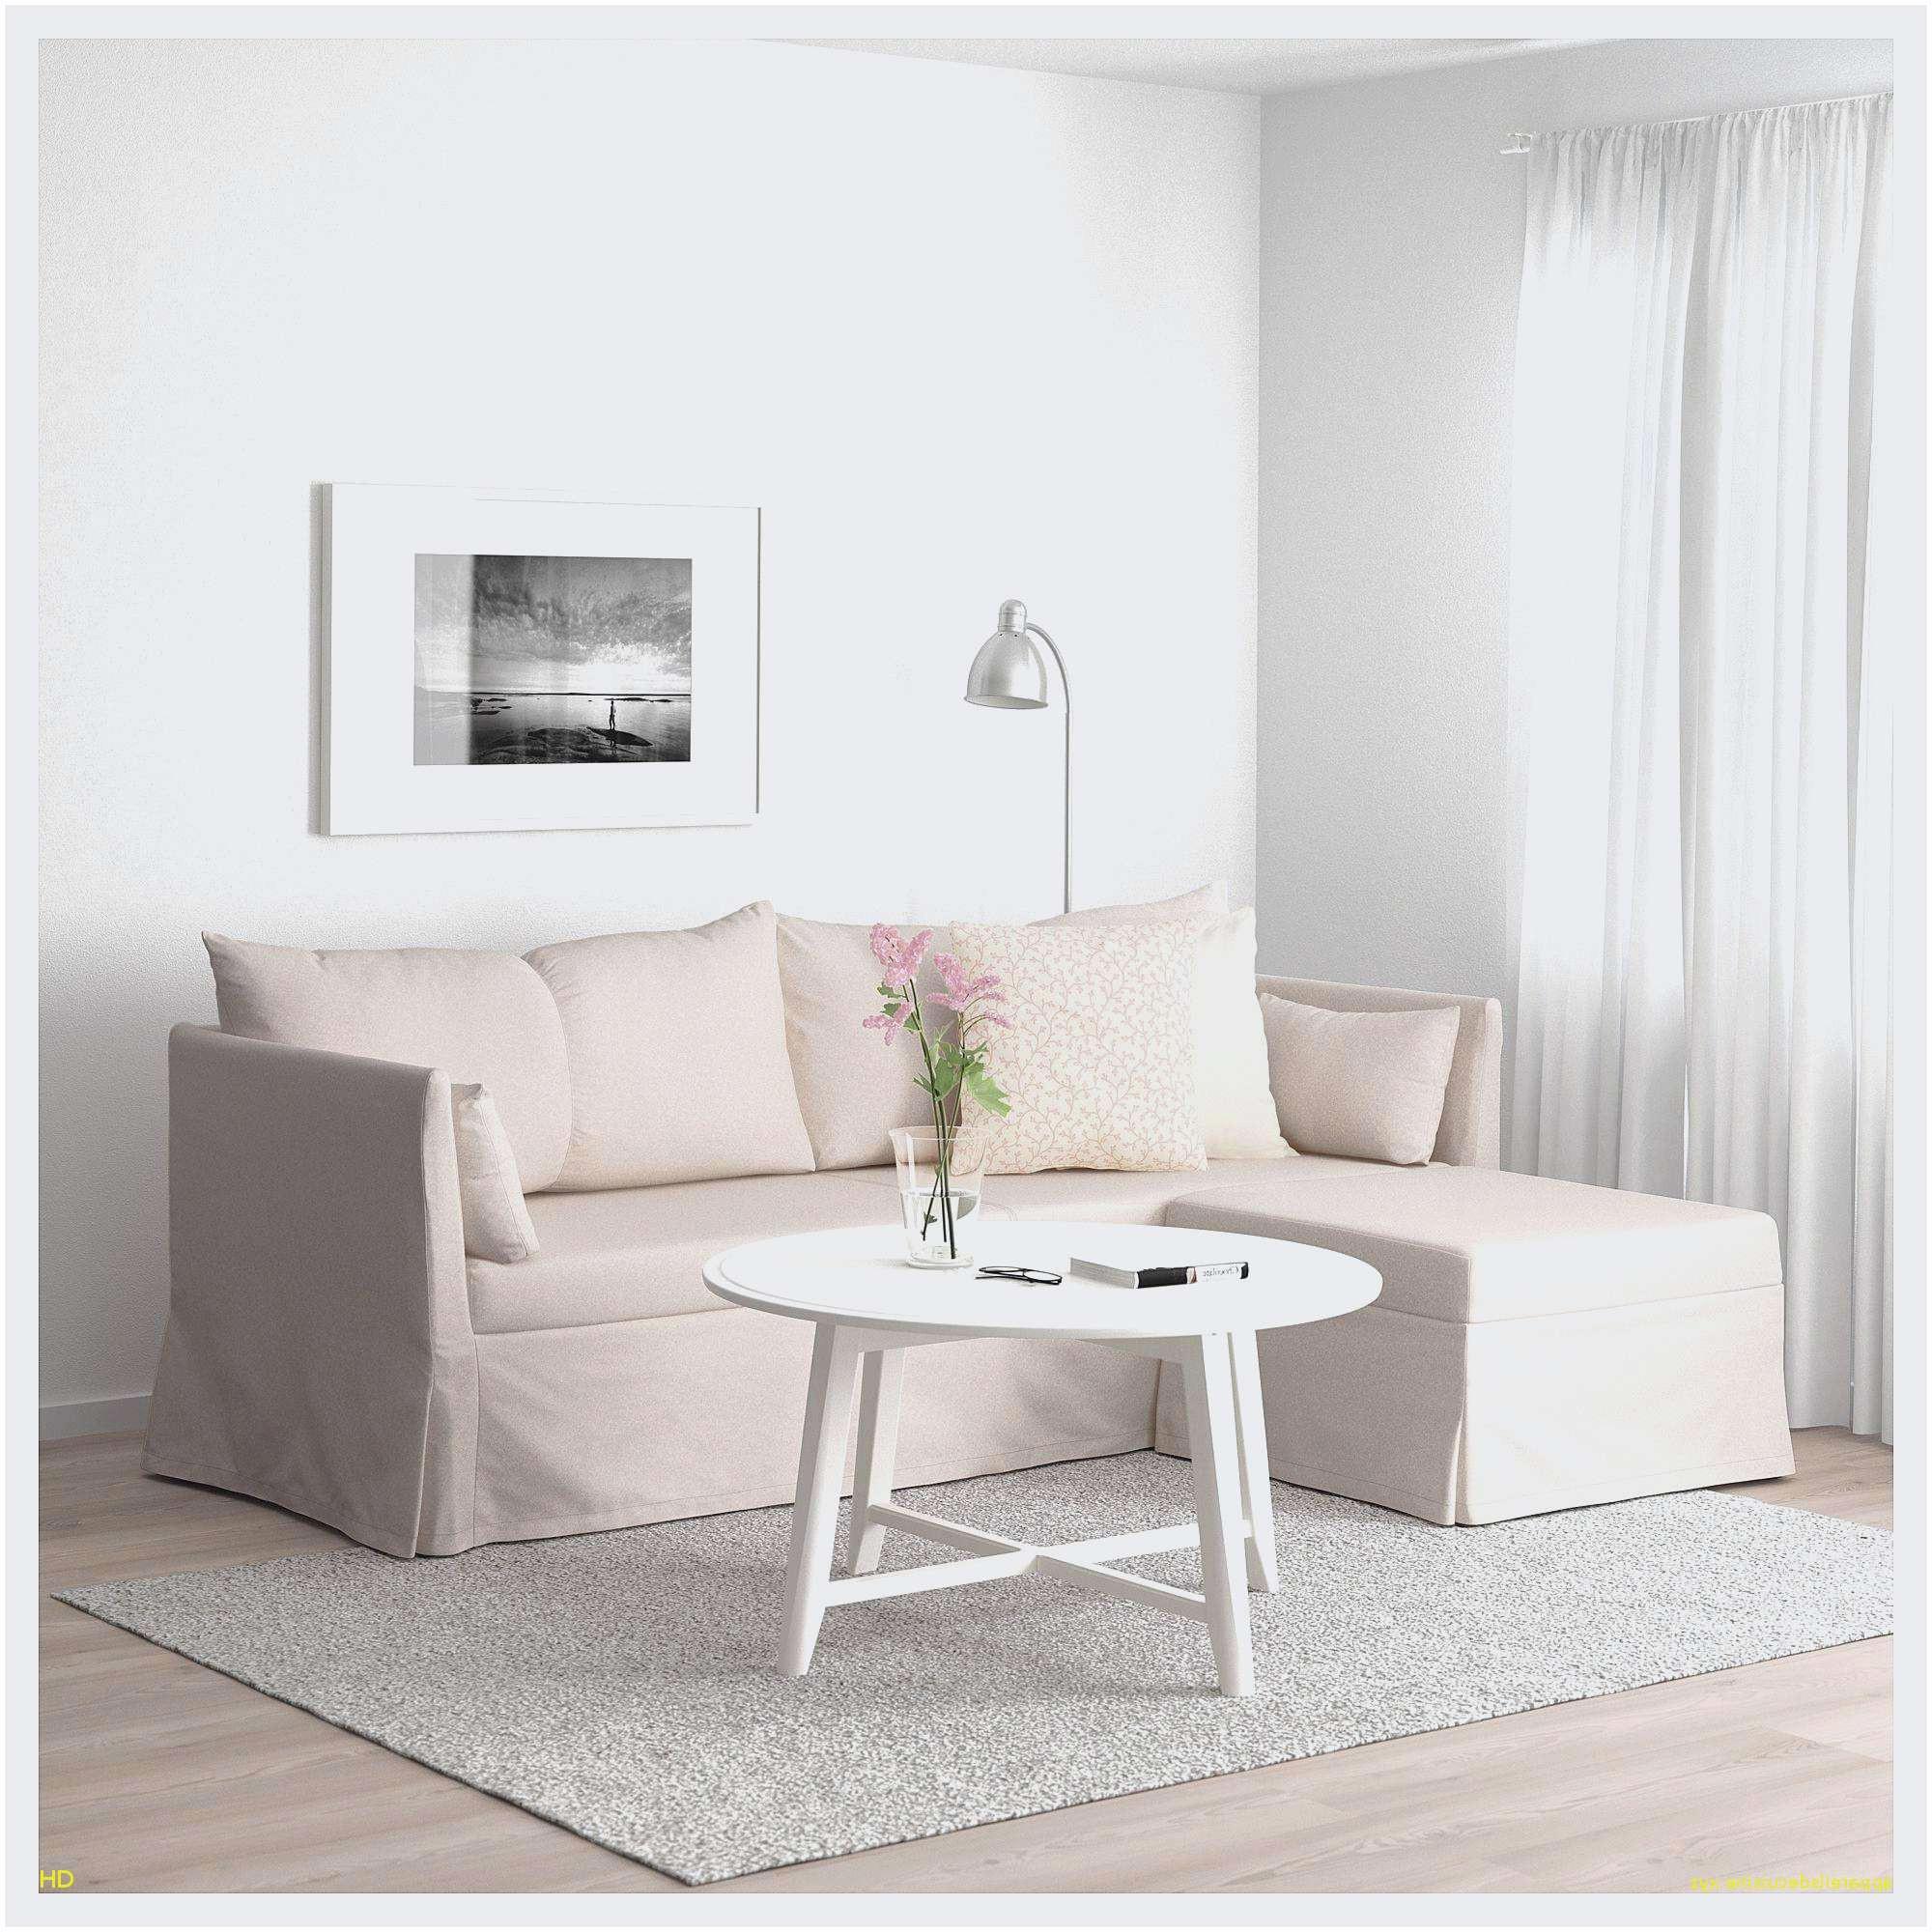 chaise baroque pas cher unique elegant meubles scandinaves pas cher luxe chaise blanche 0d of chaise baroque pas cher